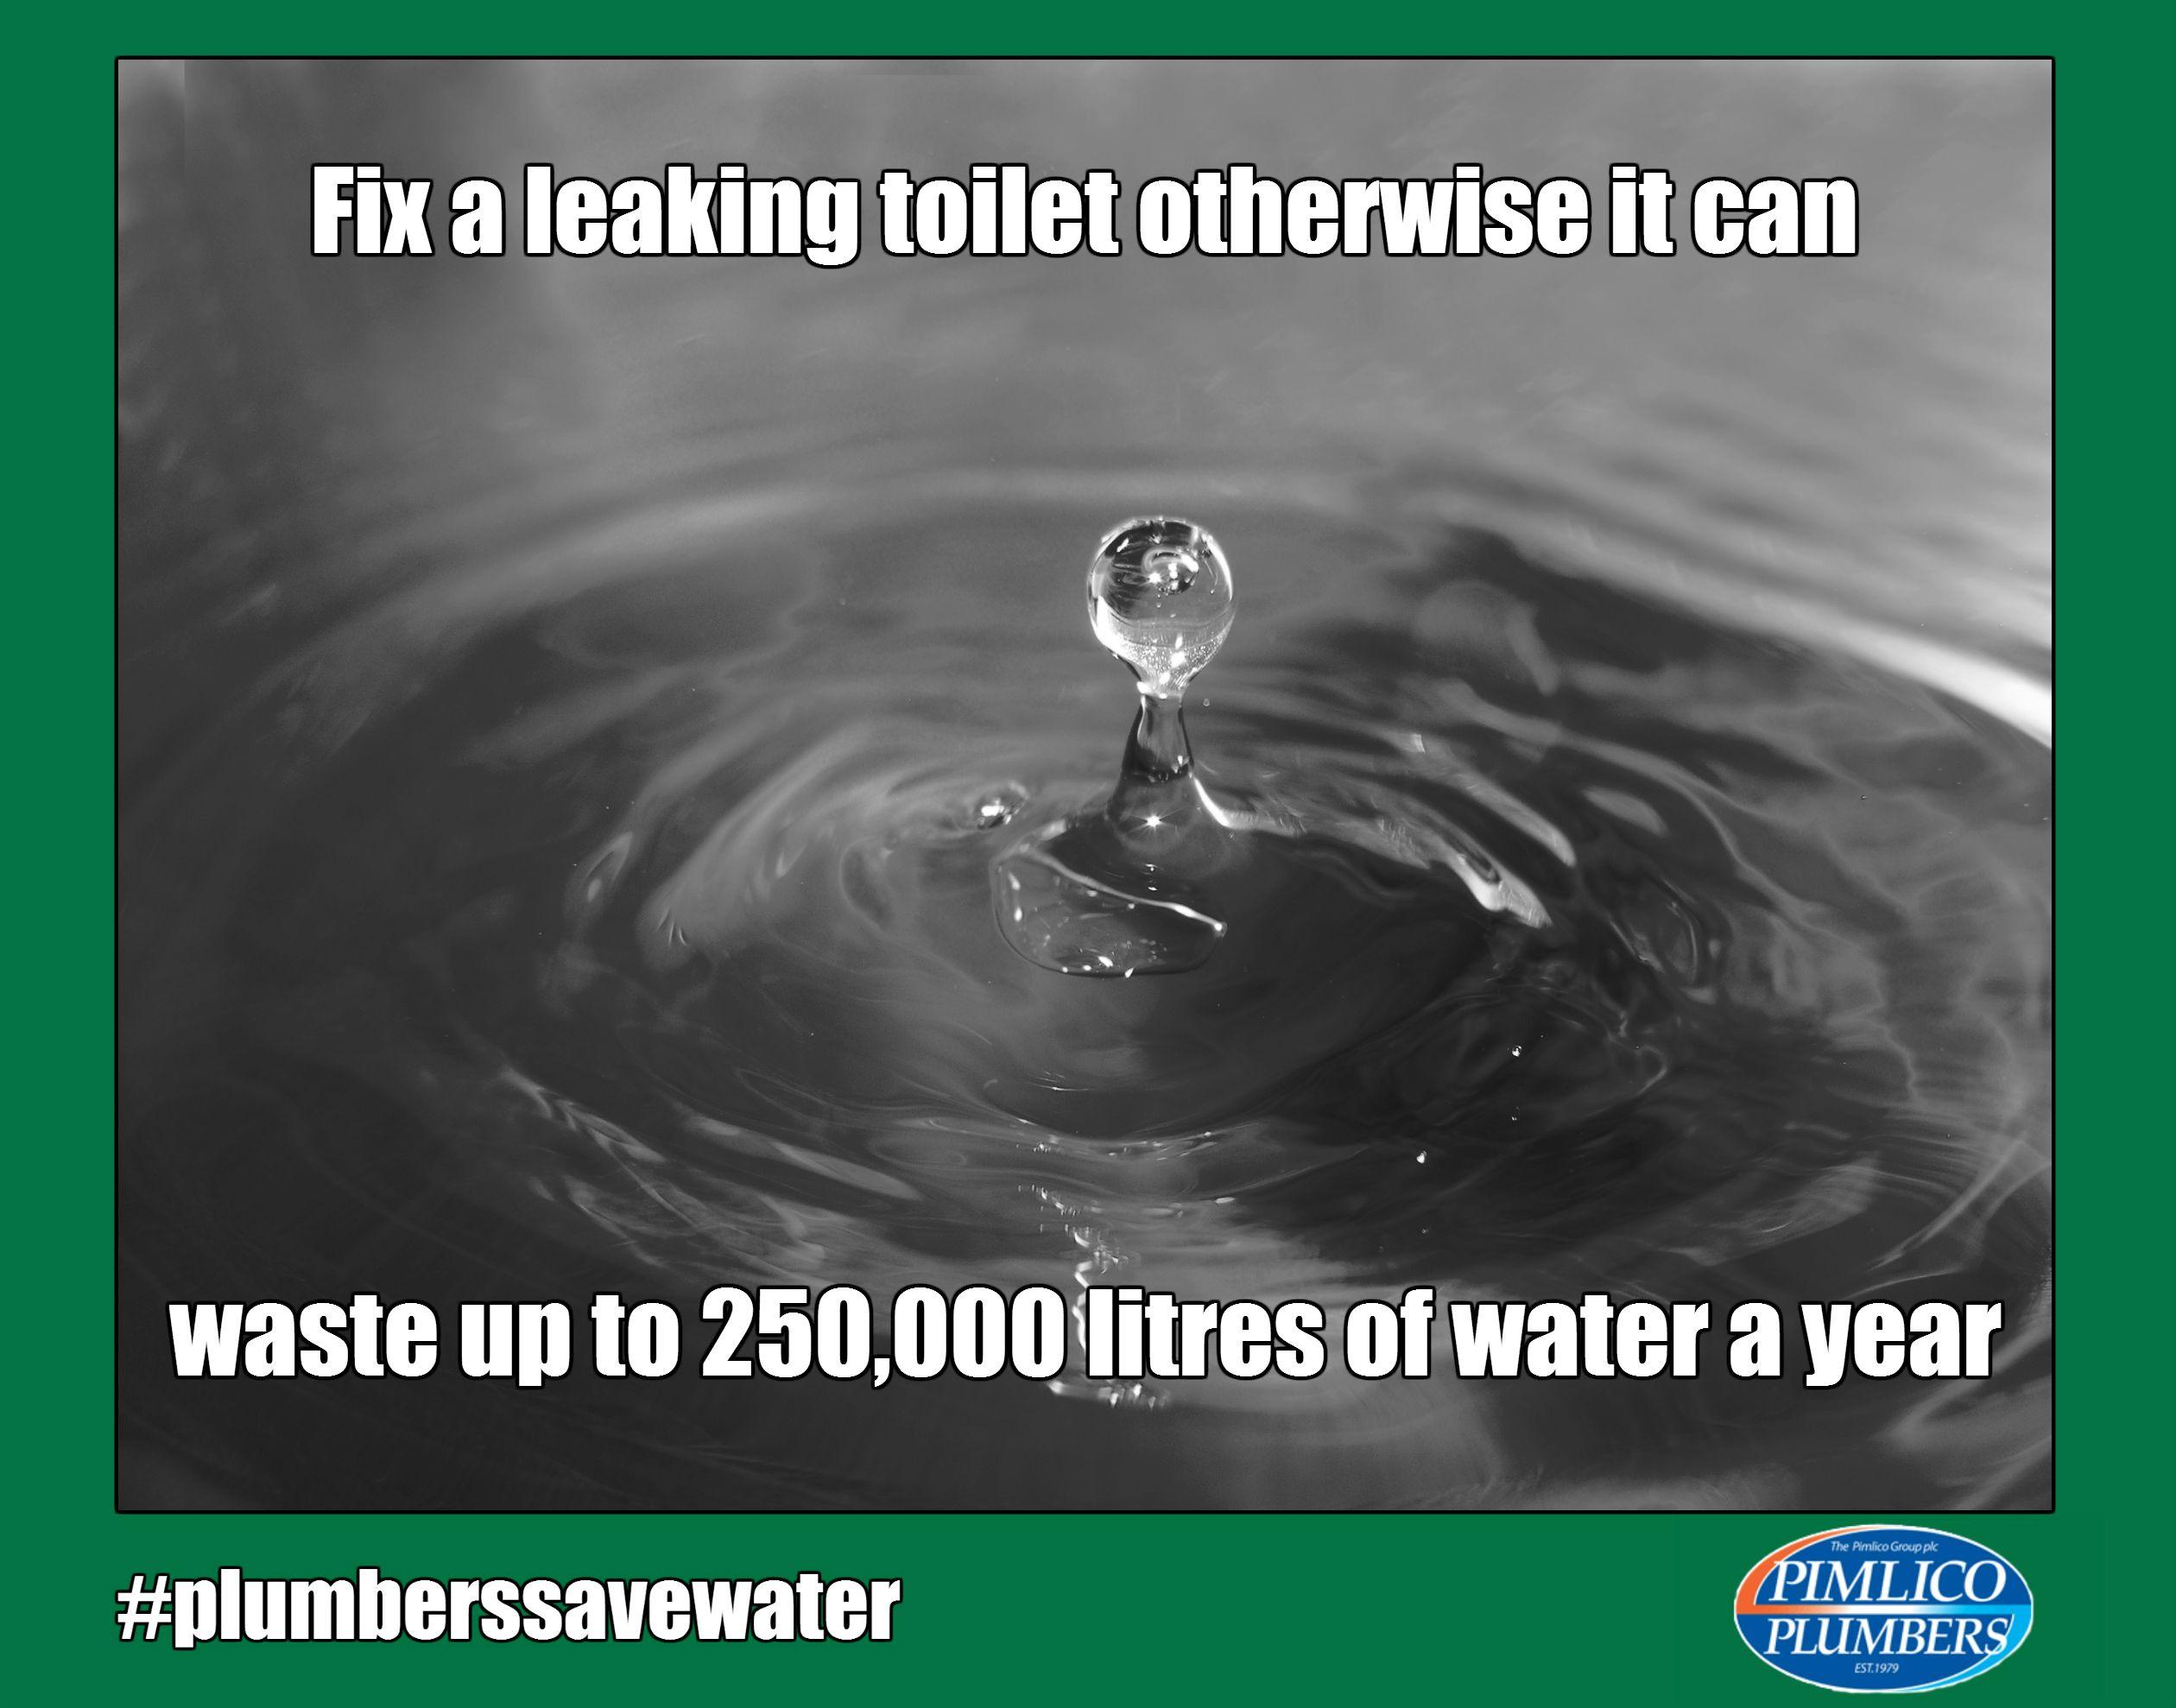 #watersaving #Leak #Toilet #Tips #Pimlico #Plumbers #Lambeth #Meme